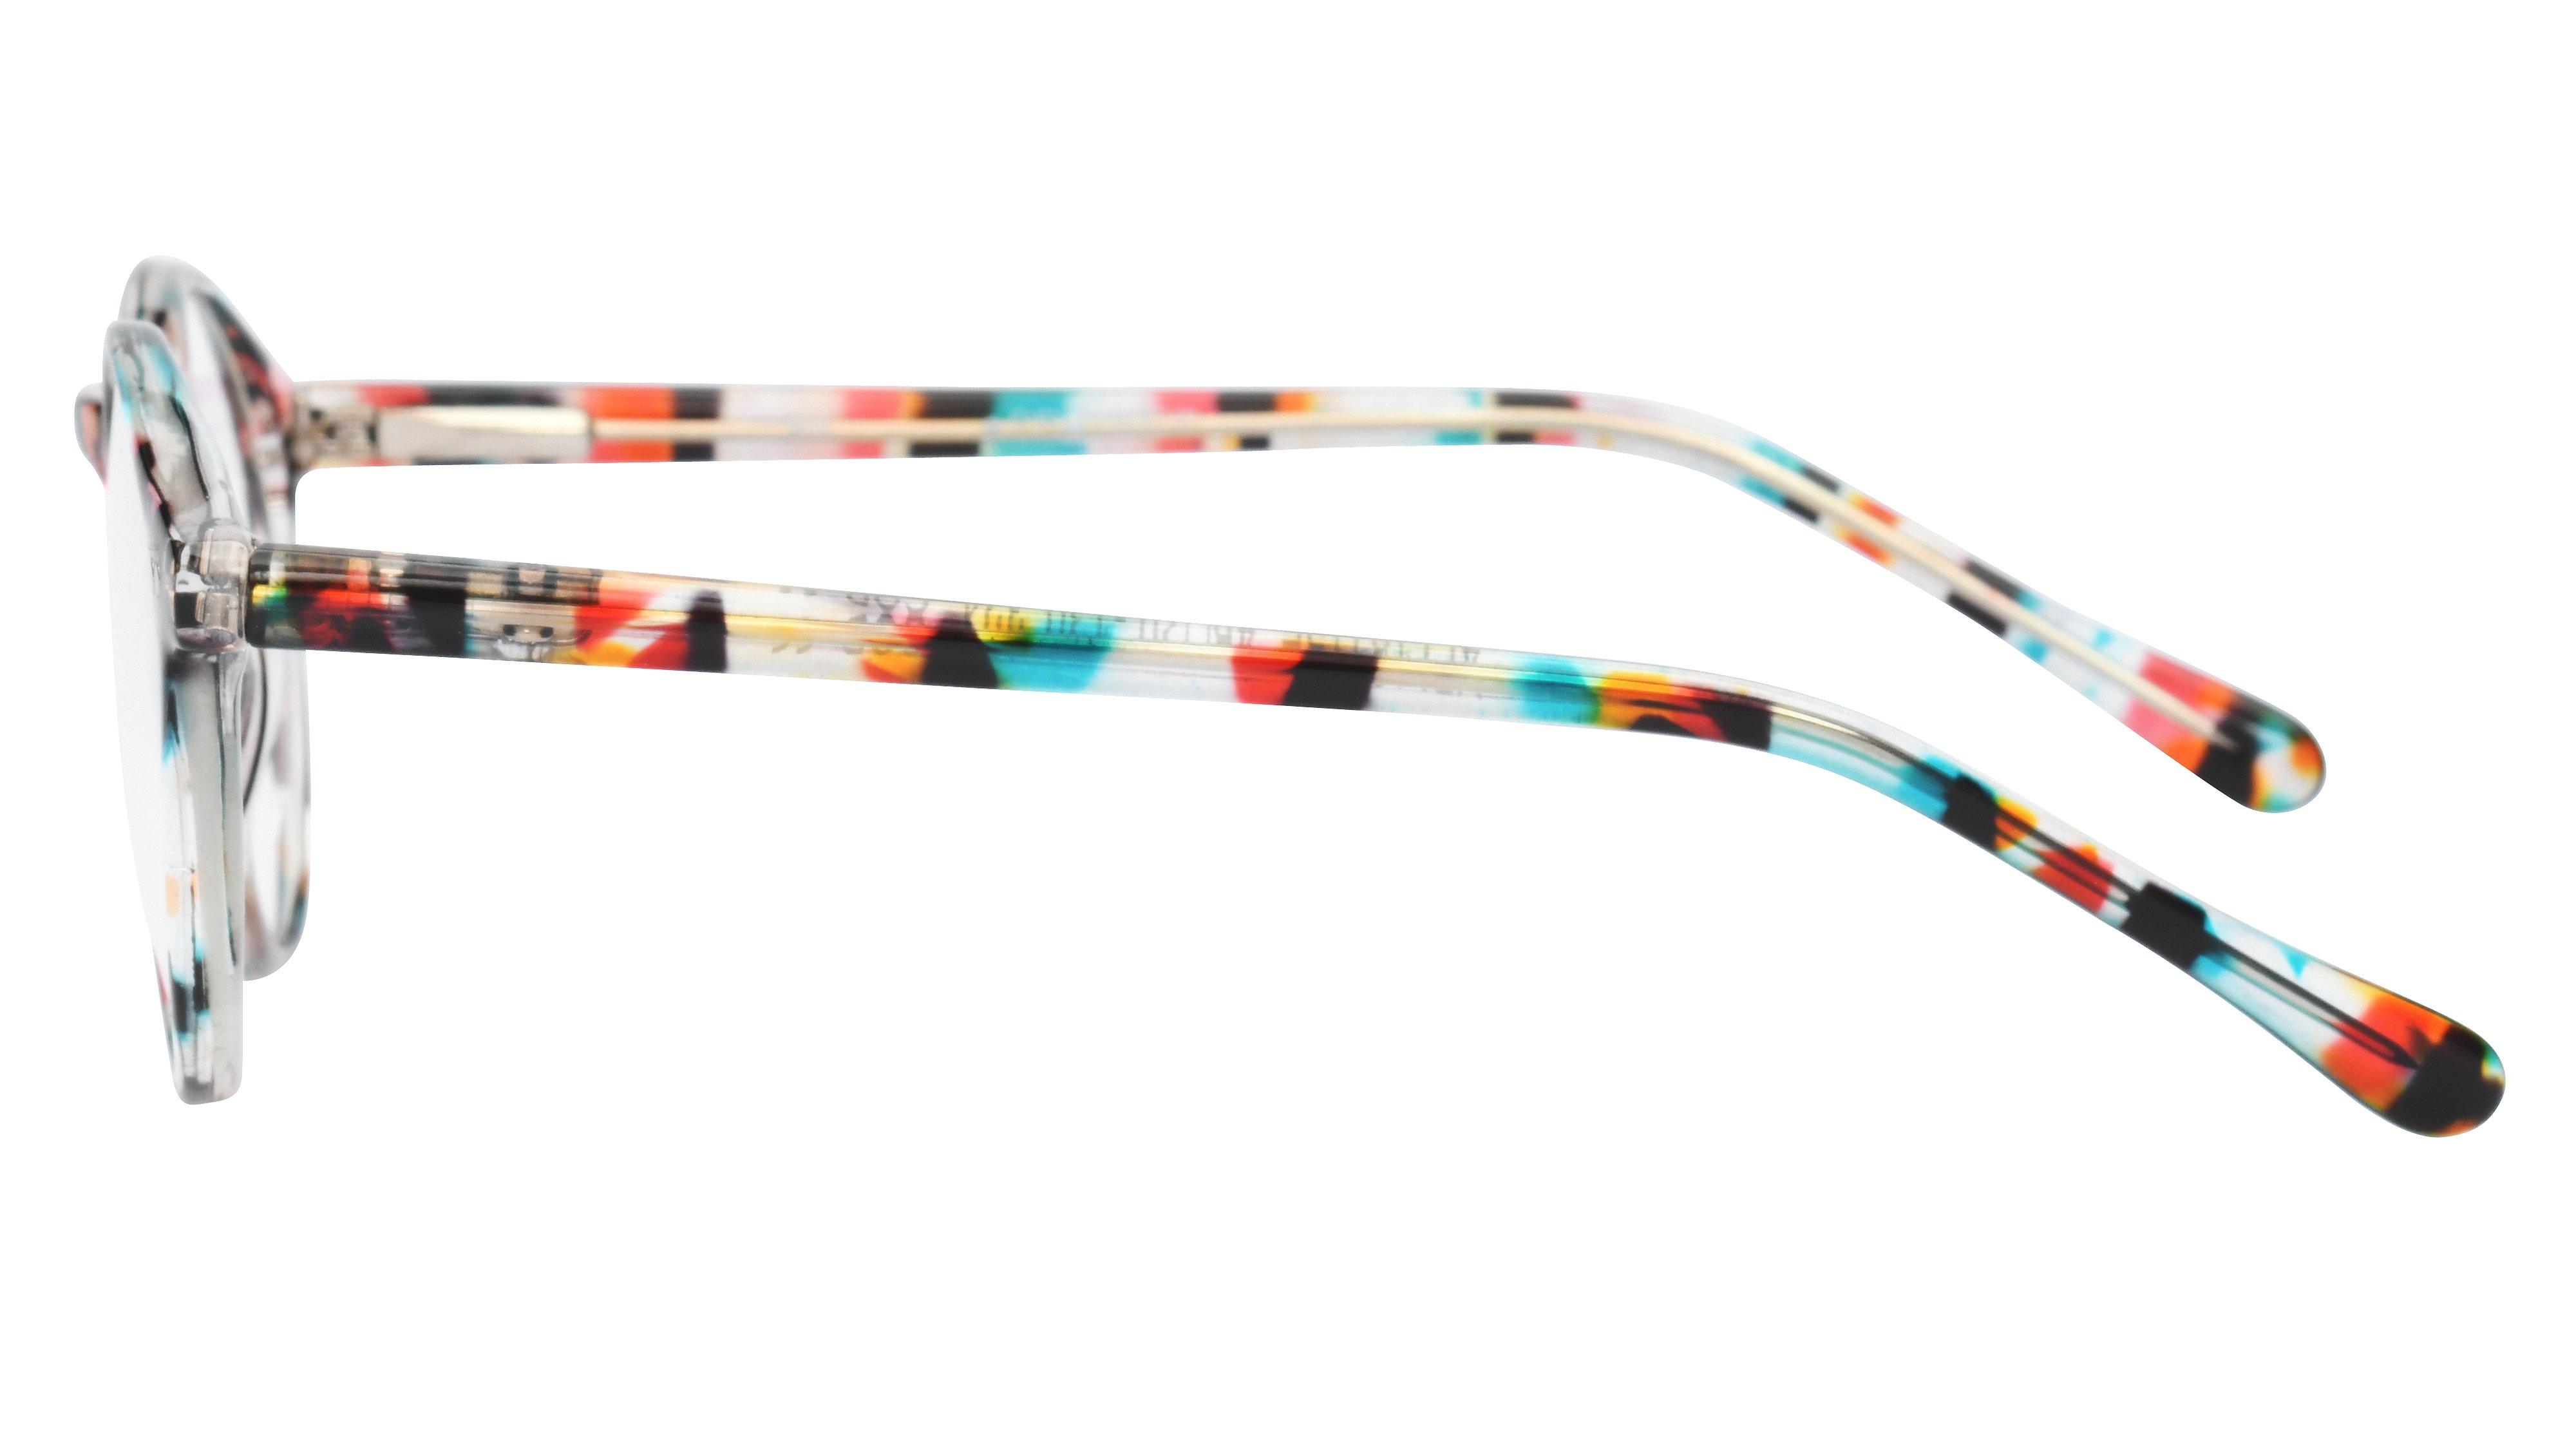 Alittle Lunettes Bouclier de Protection enti/èrement Amovible r/églable avec 10 visi/ères dentaires Amovibles